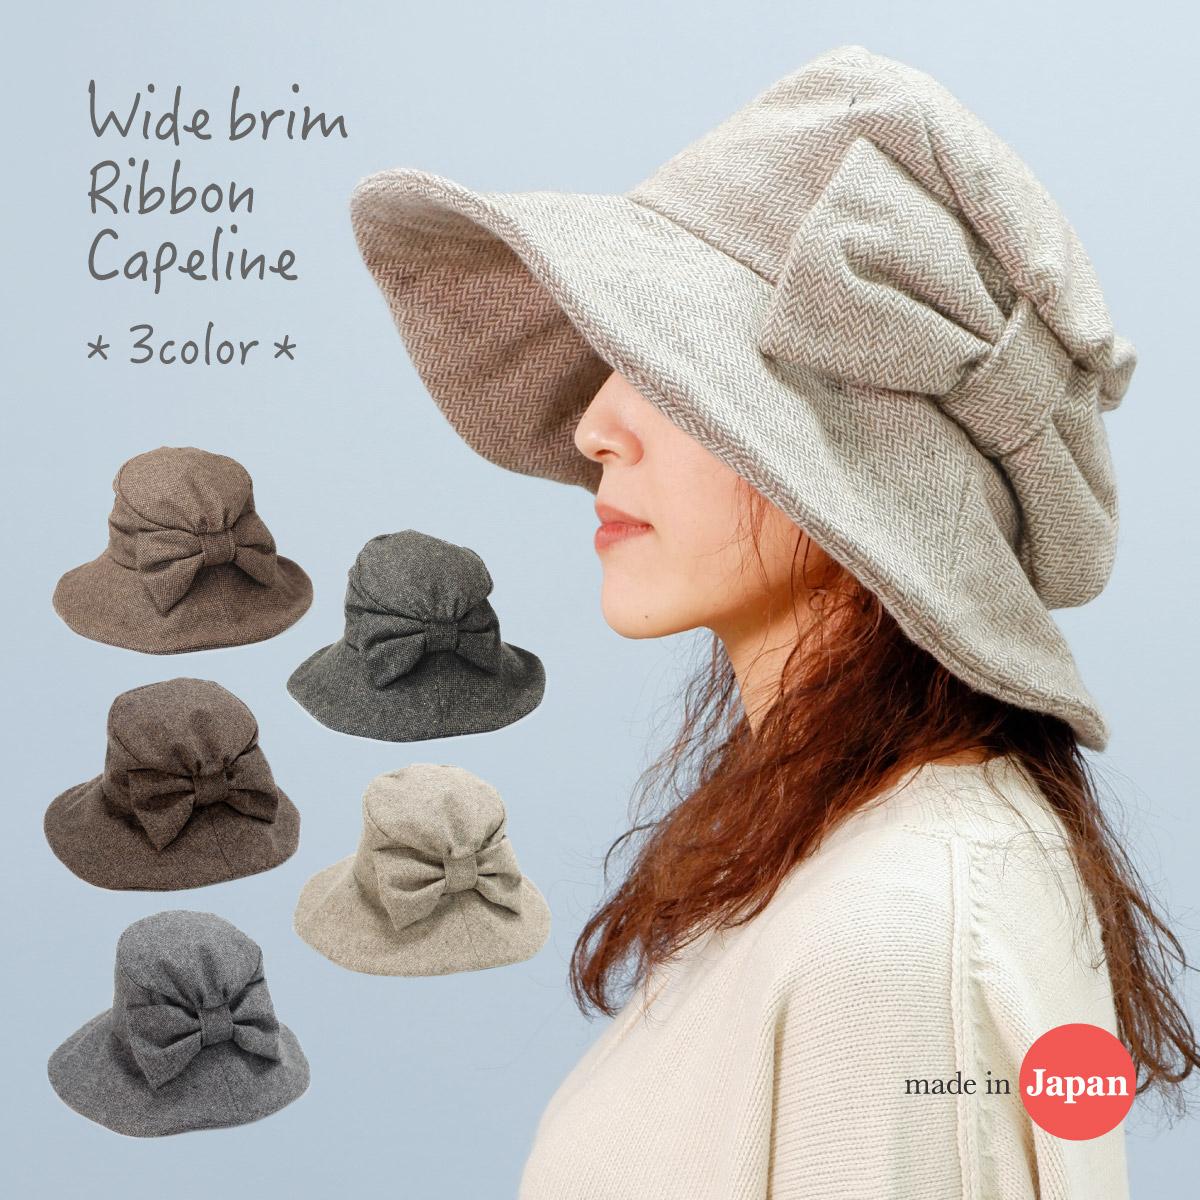 帽子 商品 レディース 秋冬 紫外線対策 小顔効果 ネップ ヘリンボン 日本製 母の日 送料無料 お求めやすく価格改定 つば広リボンキャペリン ギフト 2021